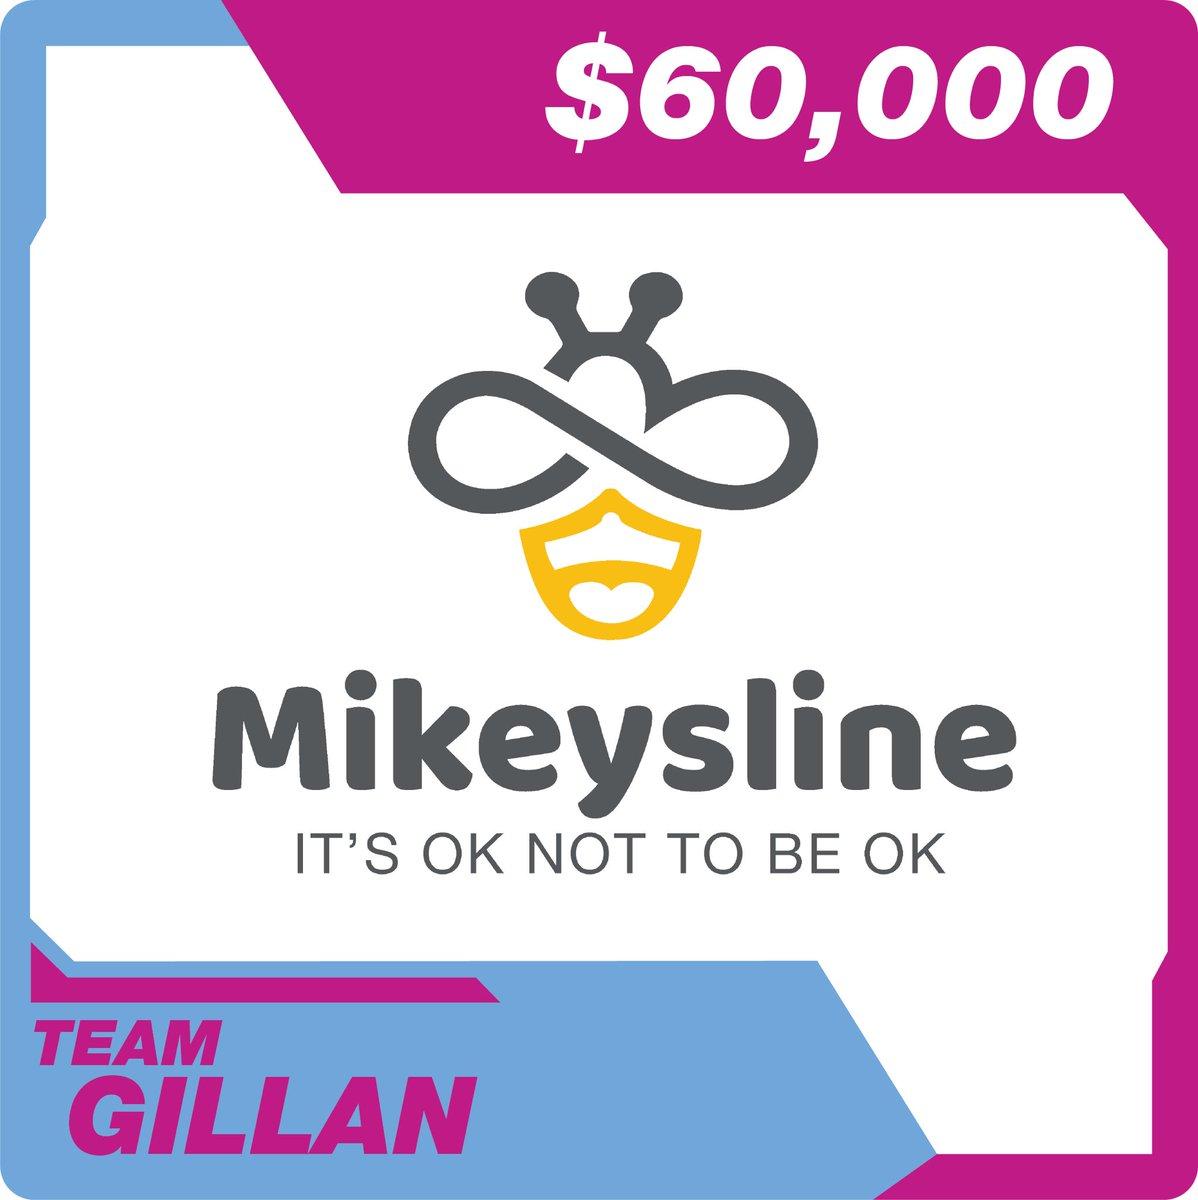 #TeamGillan @karengillan @Mikeysline1